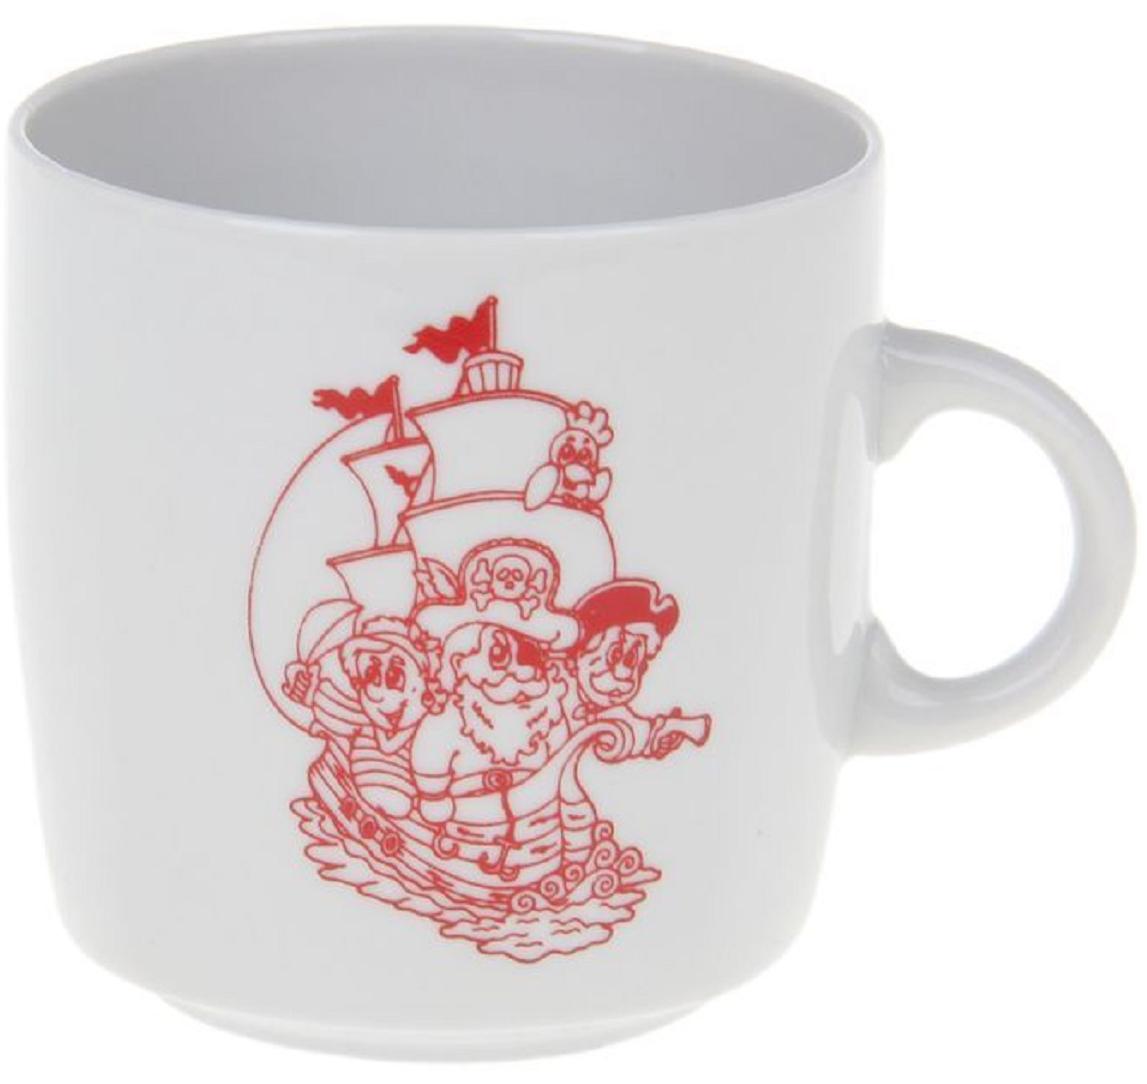 Кружка Фарфор Вербилок Пираты. 8713380 кружка мини сувенирная 20мл фарфор